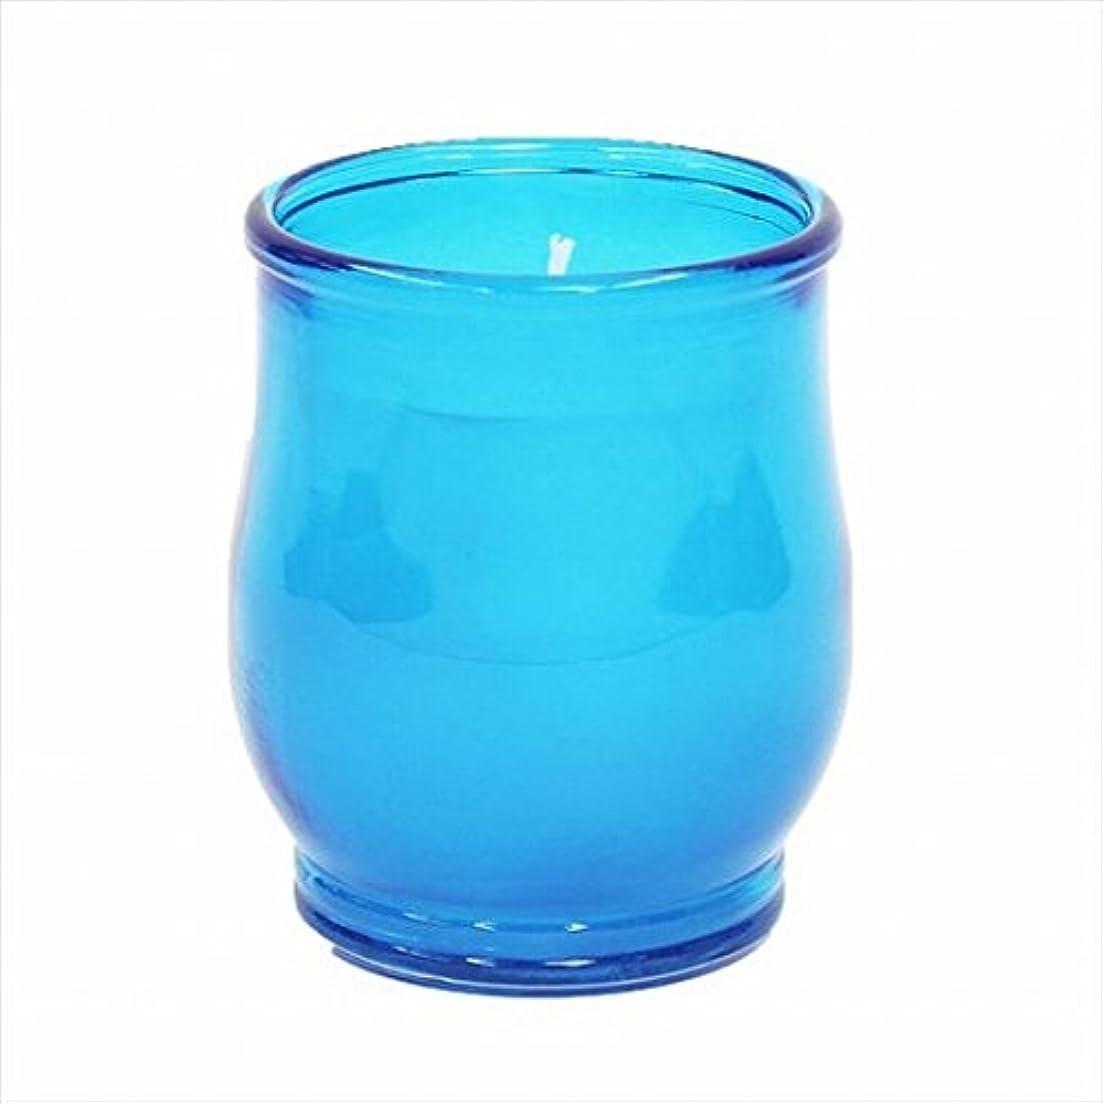 アクセシブル殺人銃カメヤマキャンドル(kameyama candle) ポシェ(非常用コップローソク) 「 ブルー 」